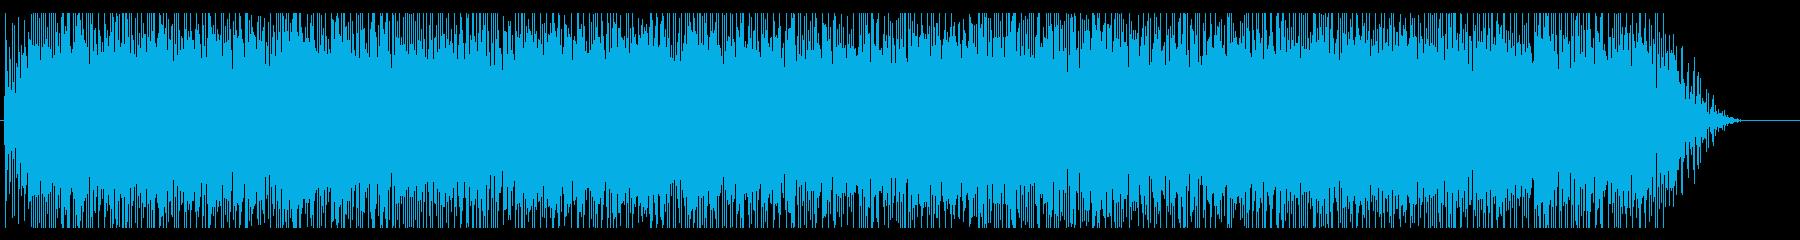 エスニック。タランテラ。リズミック...の再生済みの波形